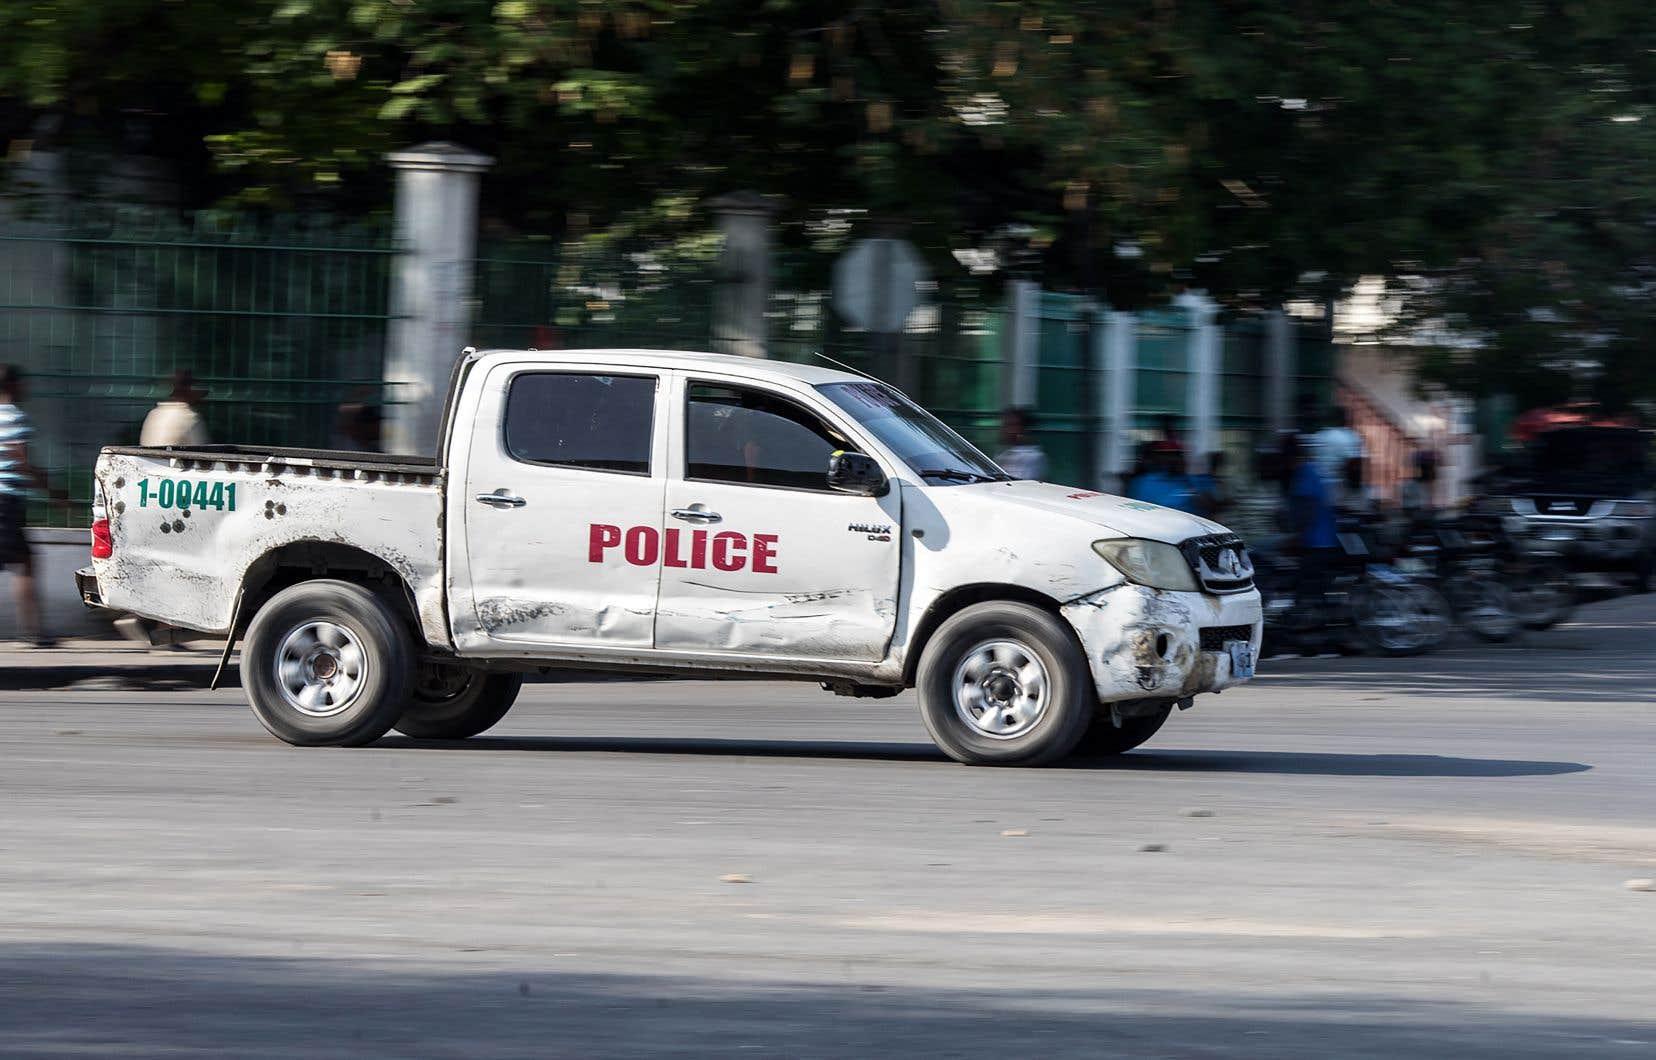 Tué quelques heures plus tôt dans le quartier de Port-au Prince où s'est déroulé la fusillade nocturne, Guerby Geffrard était le porte-parole du syndicat de police SPNH-17, en conflit ouvert avec l'administration centrale des forces policières.